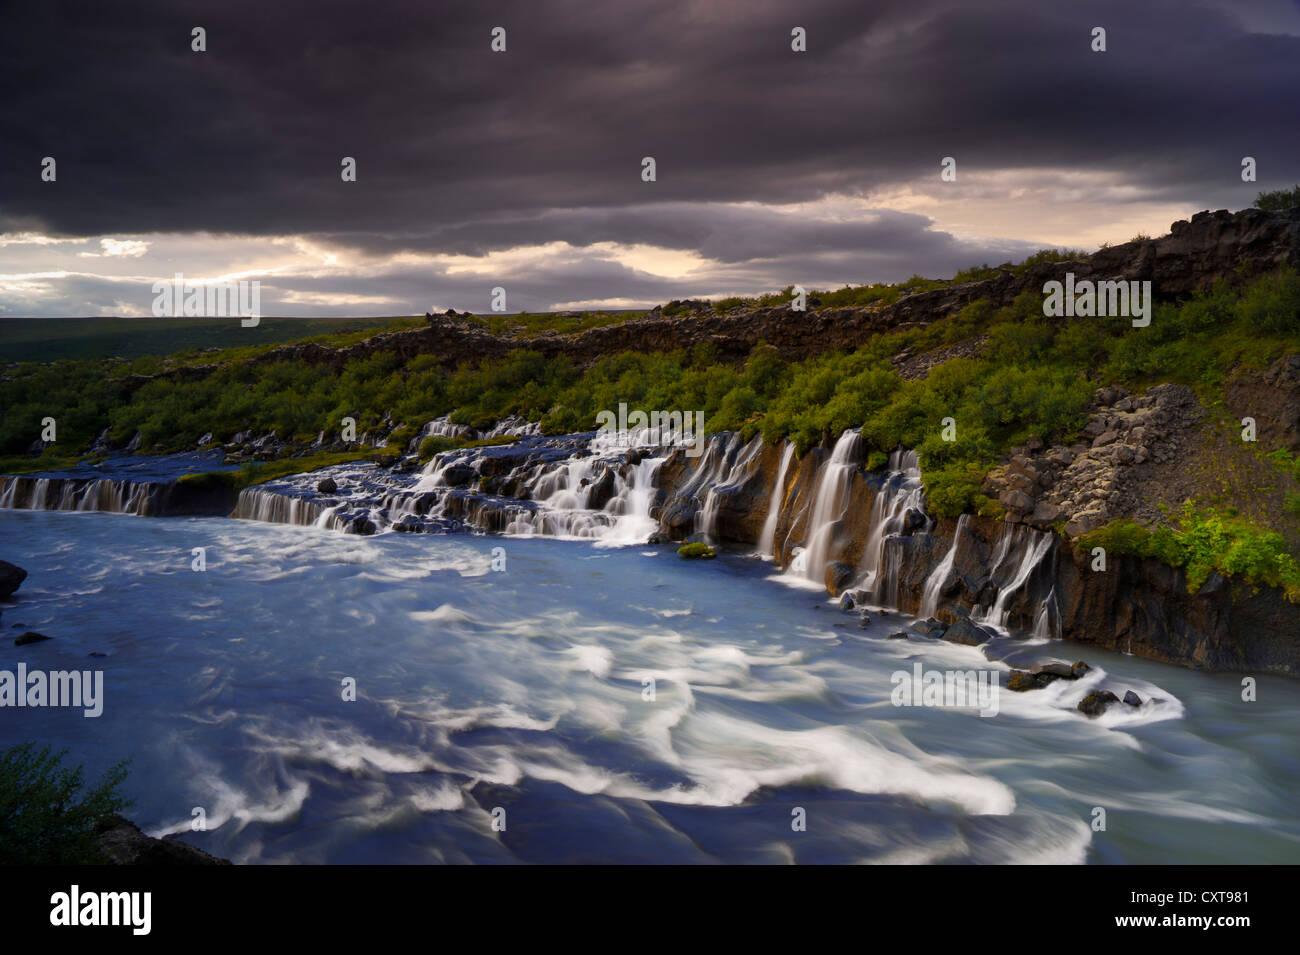 Cascades de Hraunfossar sur la rivière Hvítá, Vesturland, dans l'ouest de l'Islande, Islande, Europe Banque D'Images